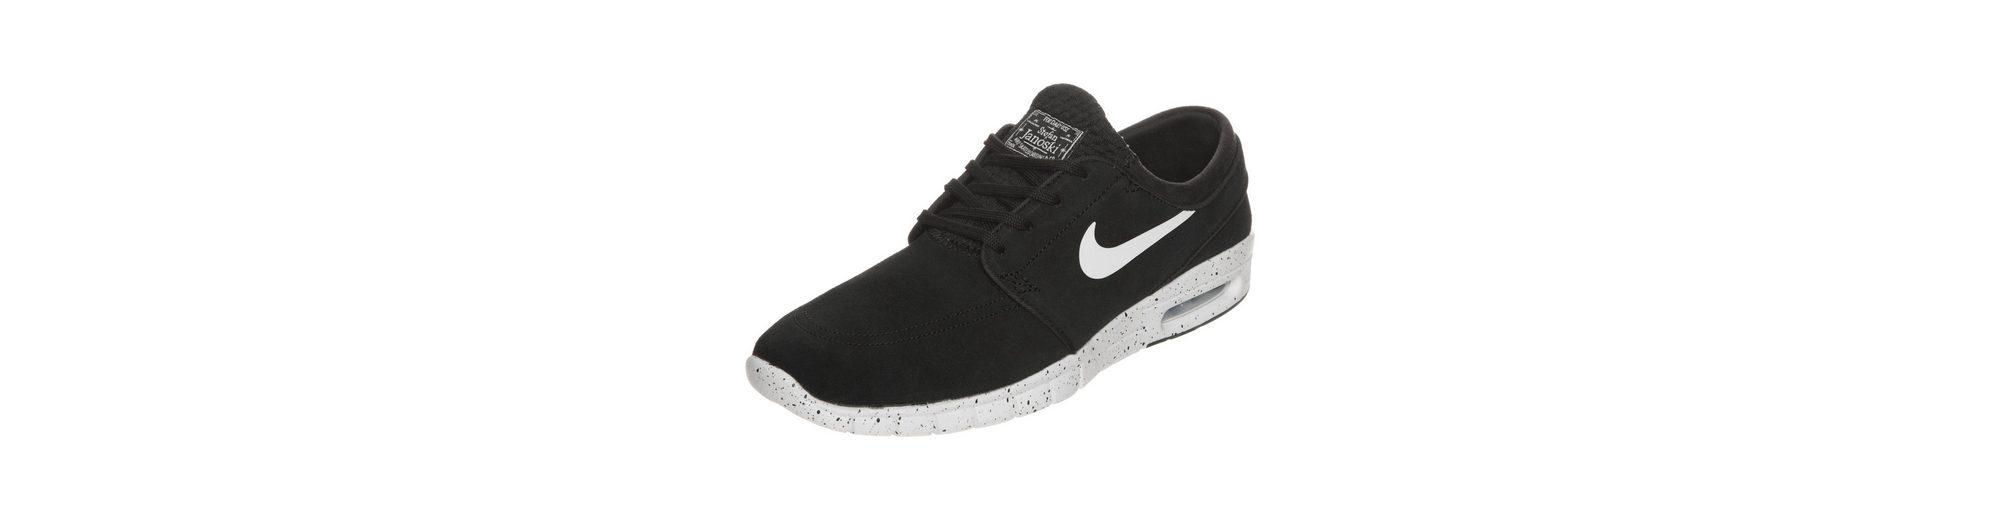 Nike SB Stefan Janoski Max Leather Sneaker 2018 Günstiger Preis Verkauf Finish Footlocker Bilder Zum Verkauf Günstig Kaufen Zuverlässig wdp0fF